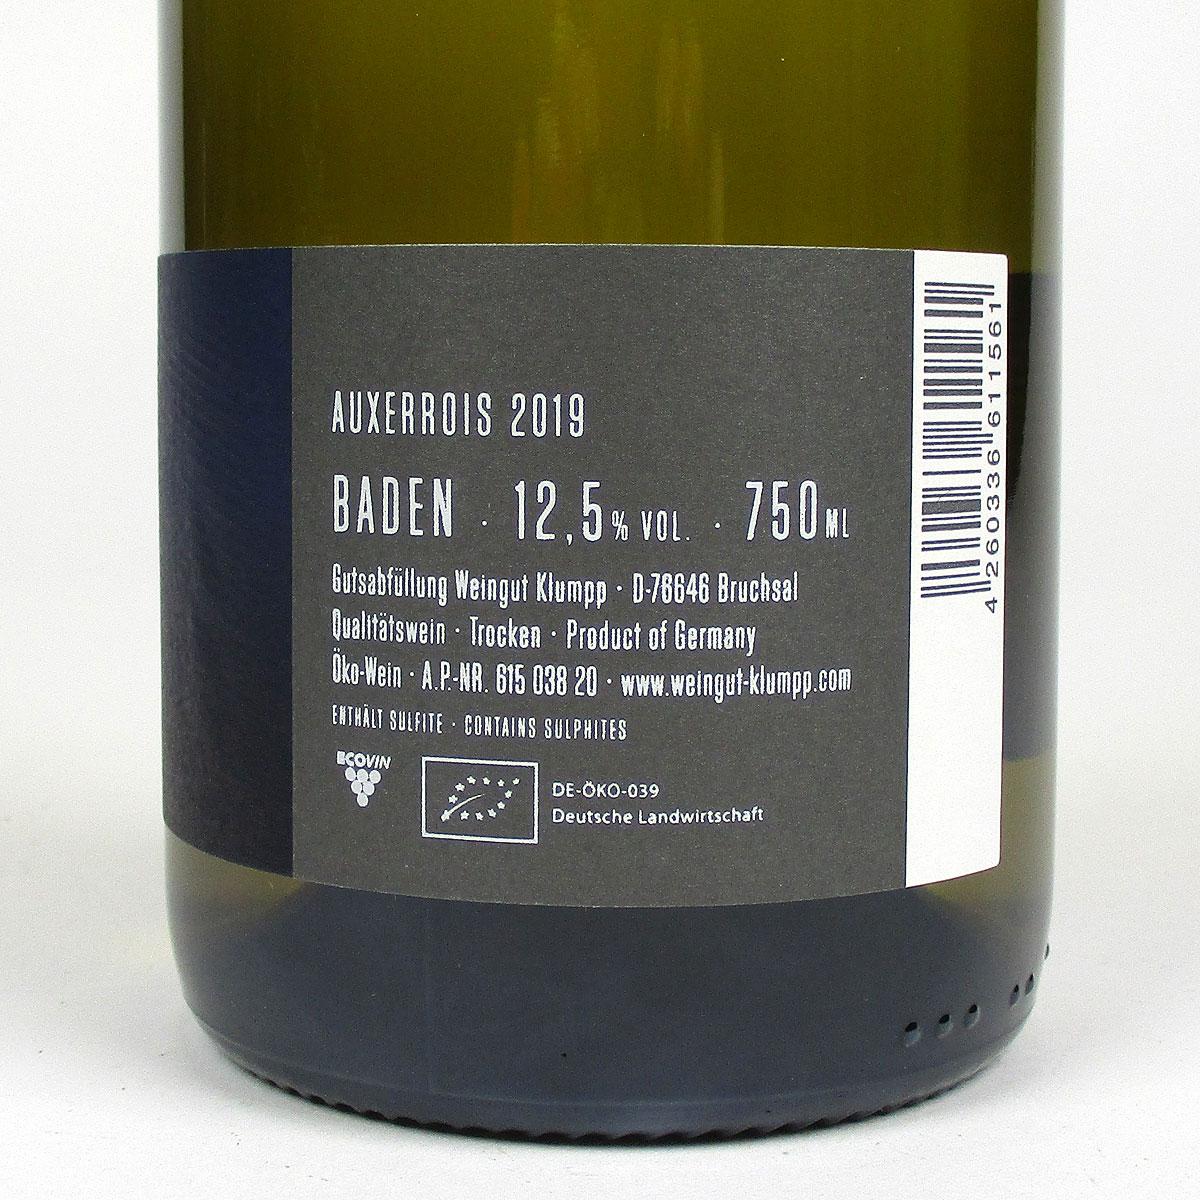 Baden: Klumpp Auxerrois 2019 - Bottle Rear Label